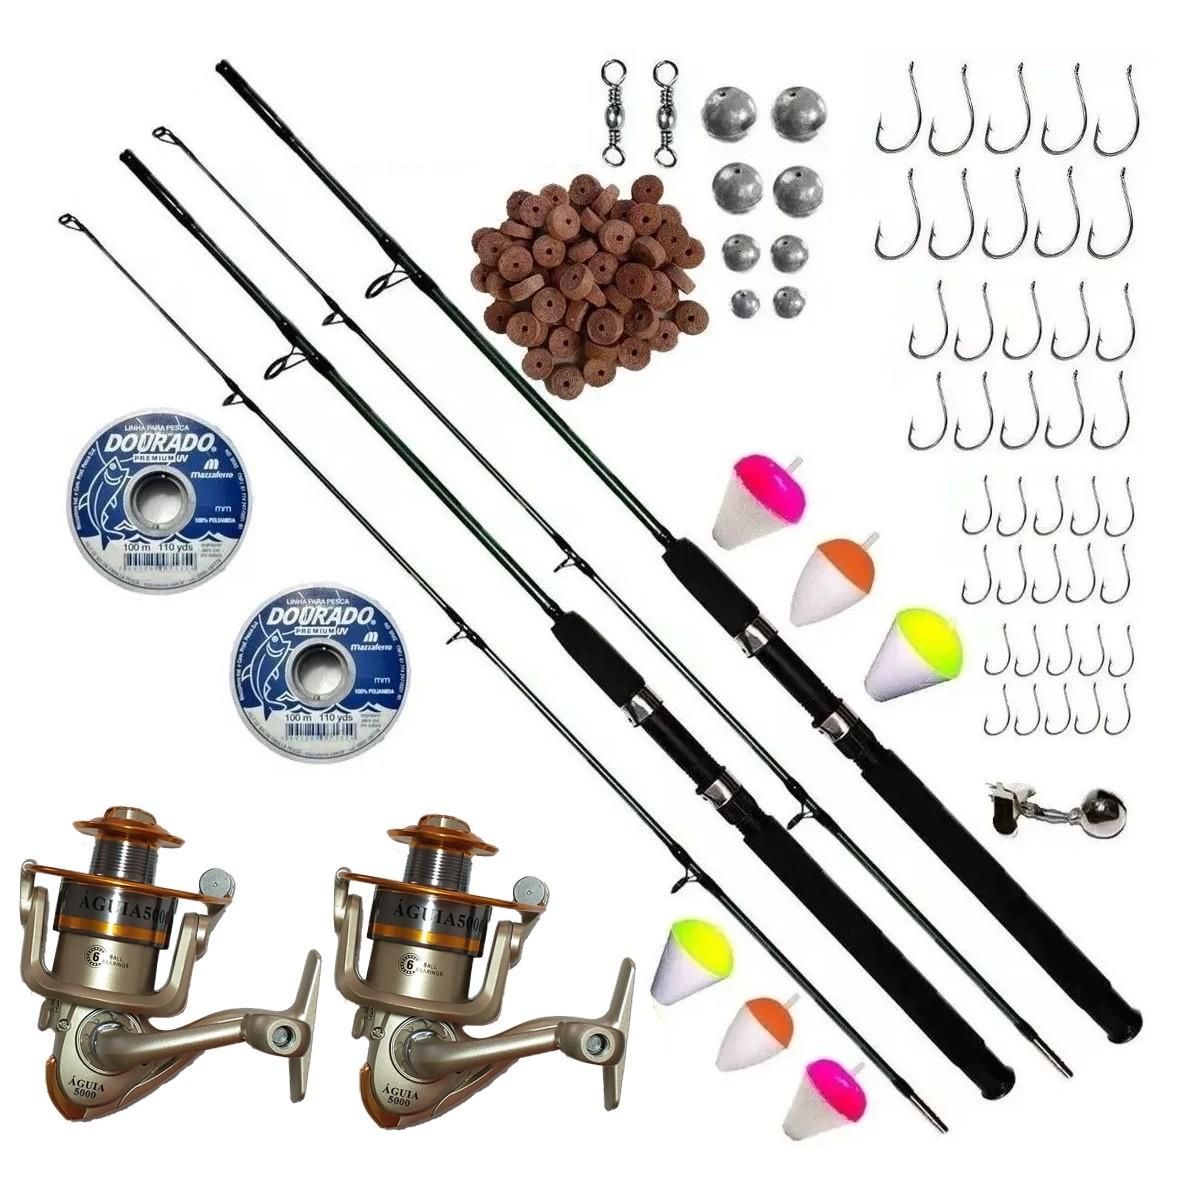 Kit De Pesca Completo 2 Vara 1,70 25-50lb 2 Molinetes 4000 Itens